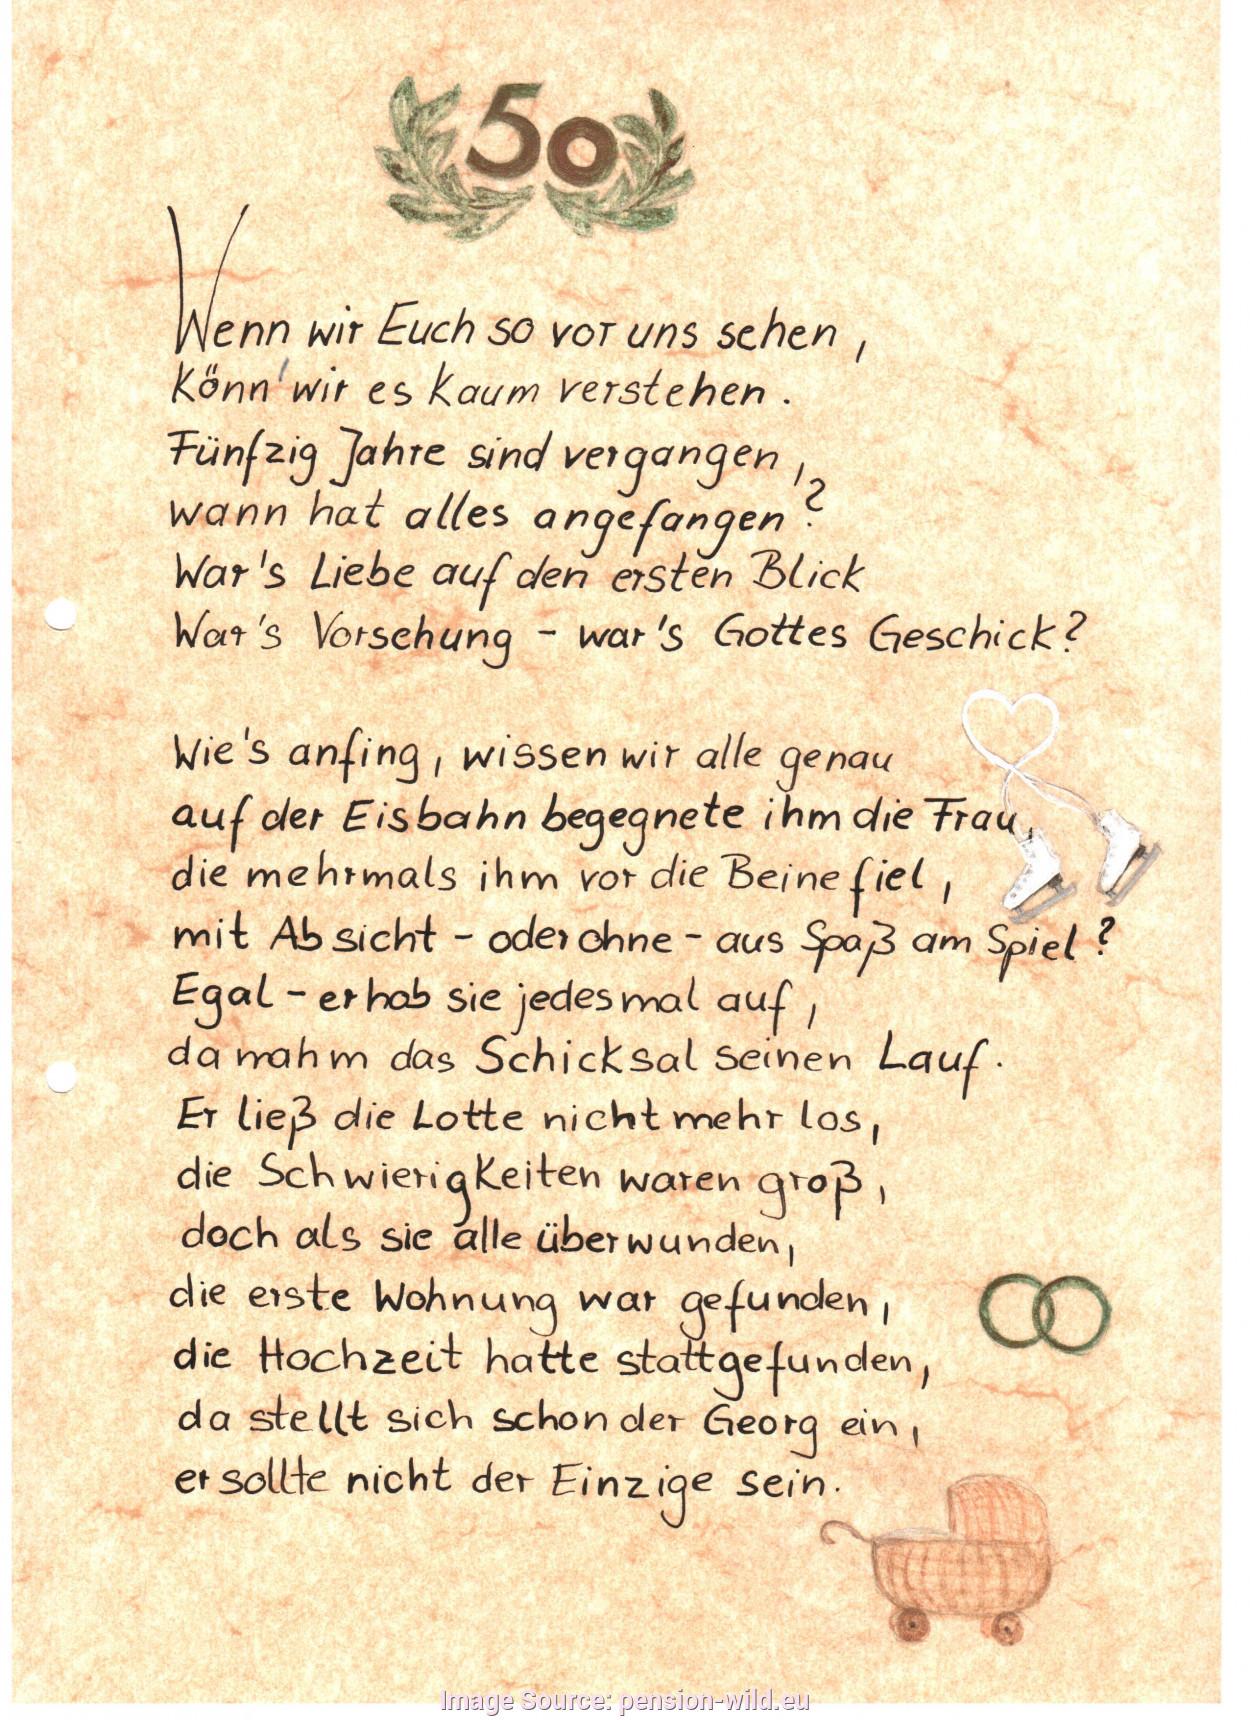 Die Besten Lustige Gedichte Zur Goldenen Hochzeit - Beste ...